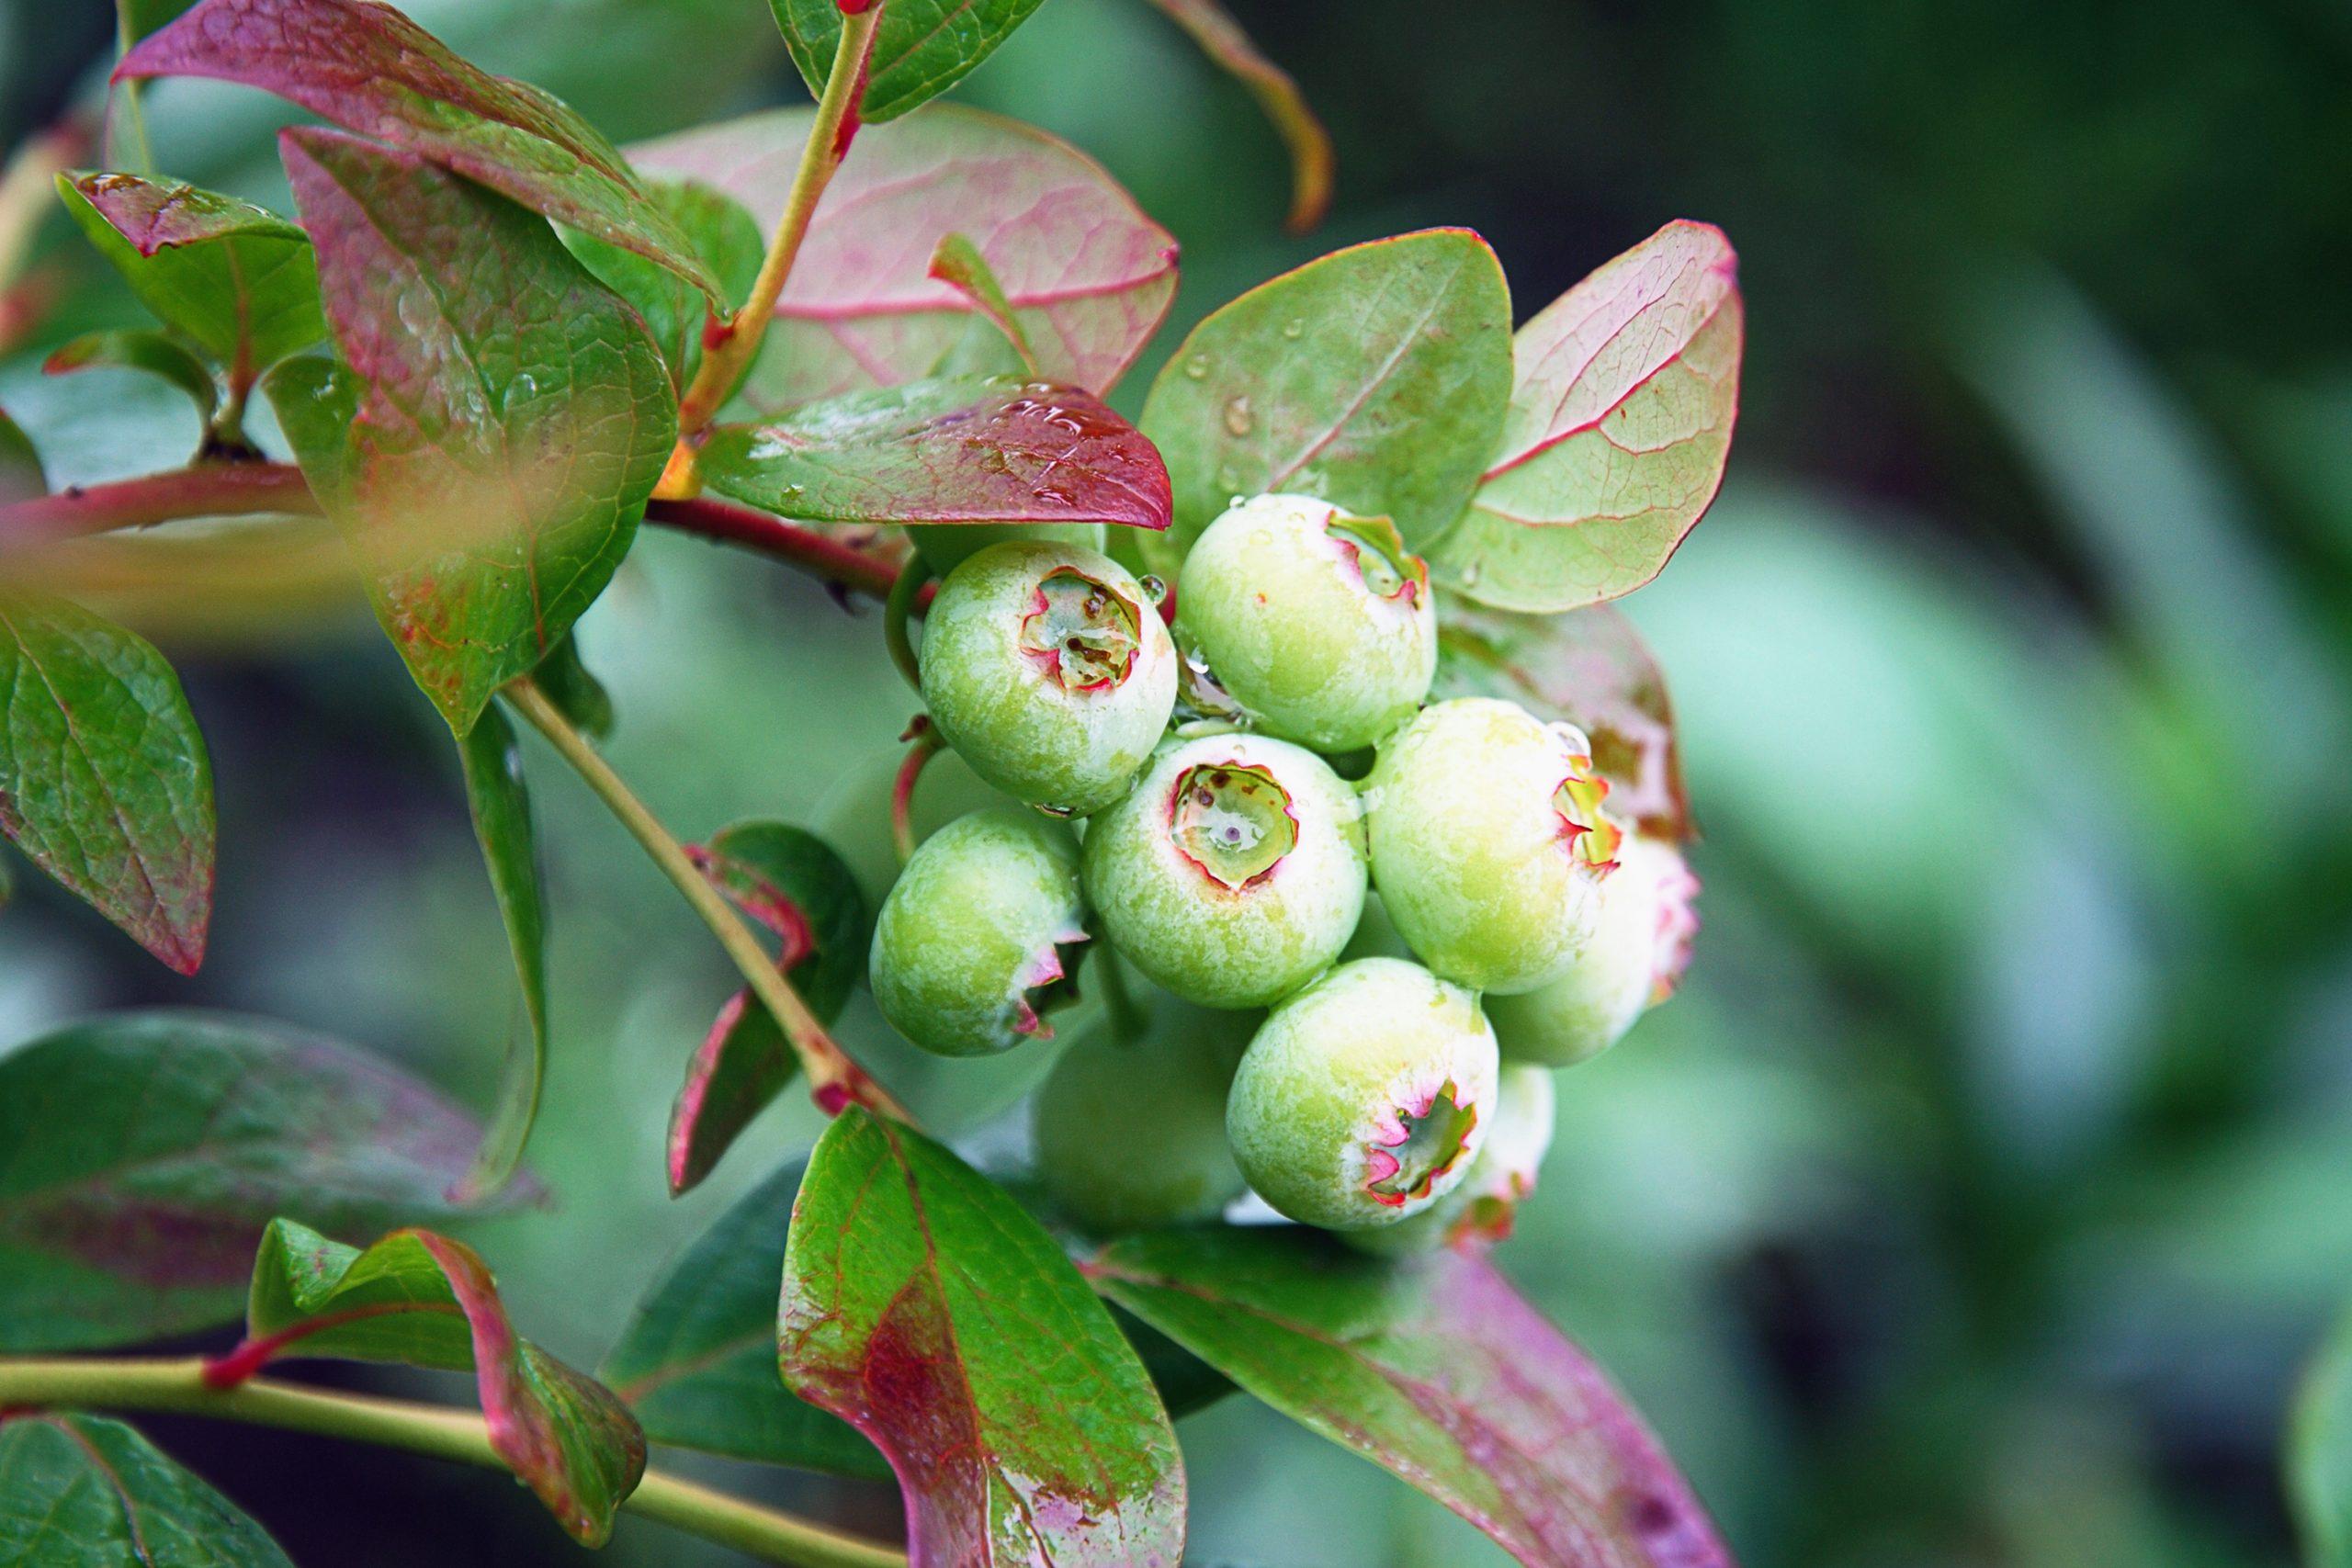 Planta de arándano Verde inmadura